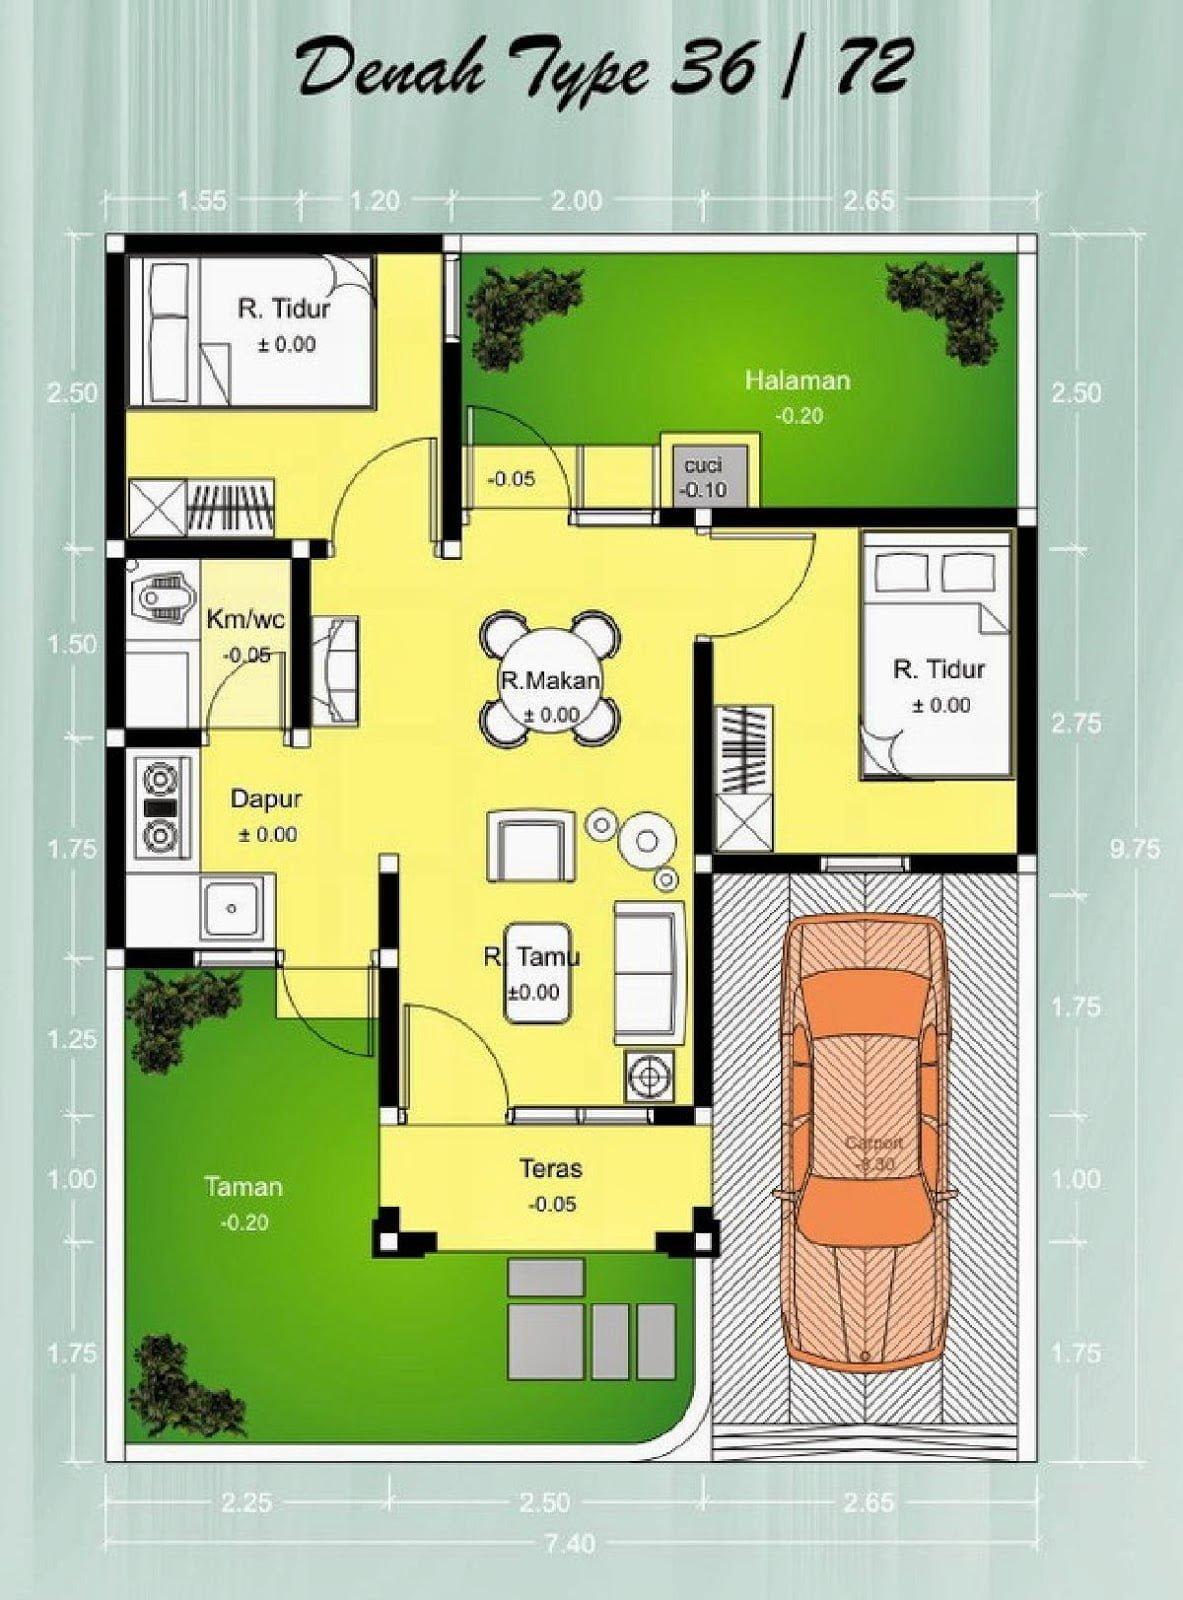 16 Macam Desain Rumah Minimalis 8X12 Satu Lantai Terbaru Dan Terlengkap -  Deagam Design